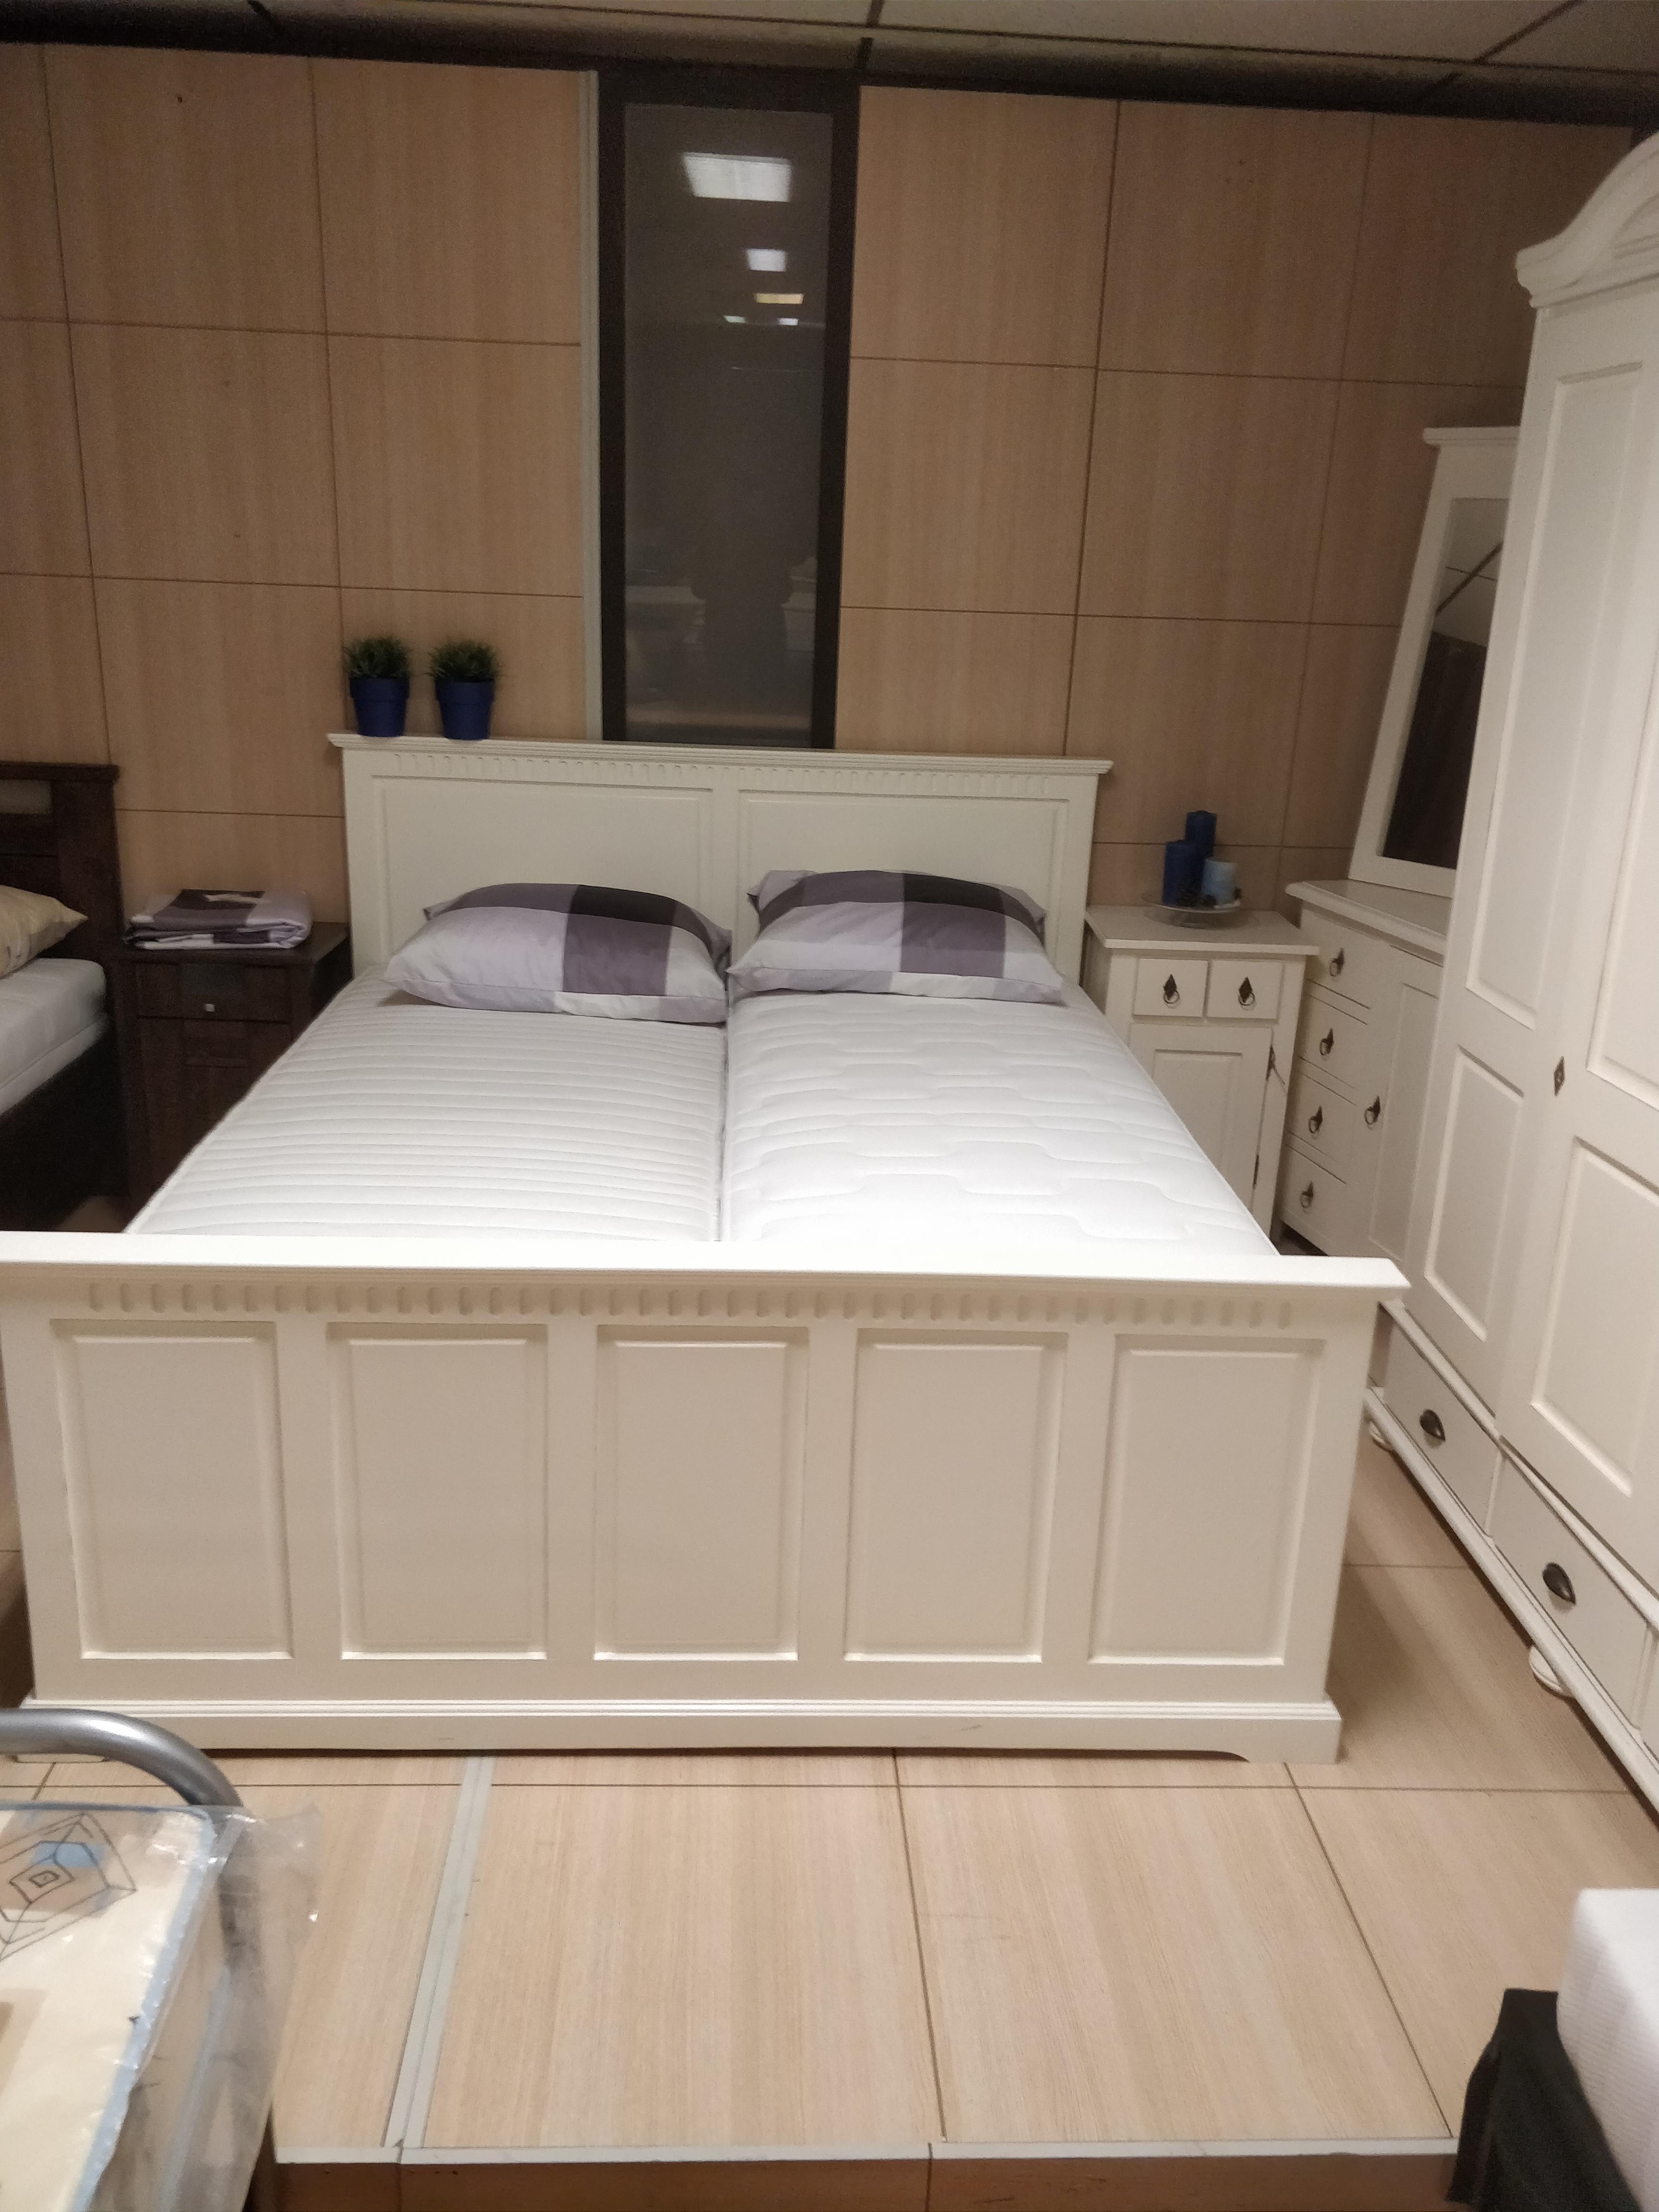 Van Houdt plete slaapkamer Barcelona creme bed 160x200